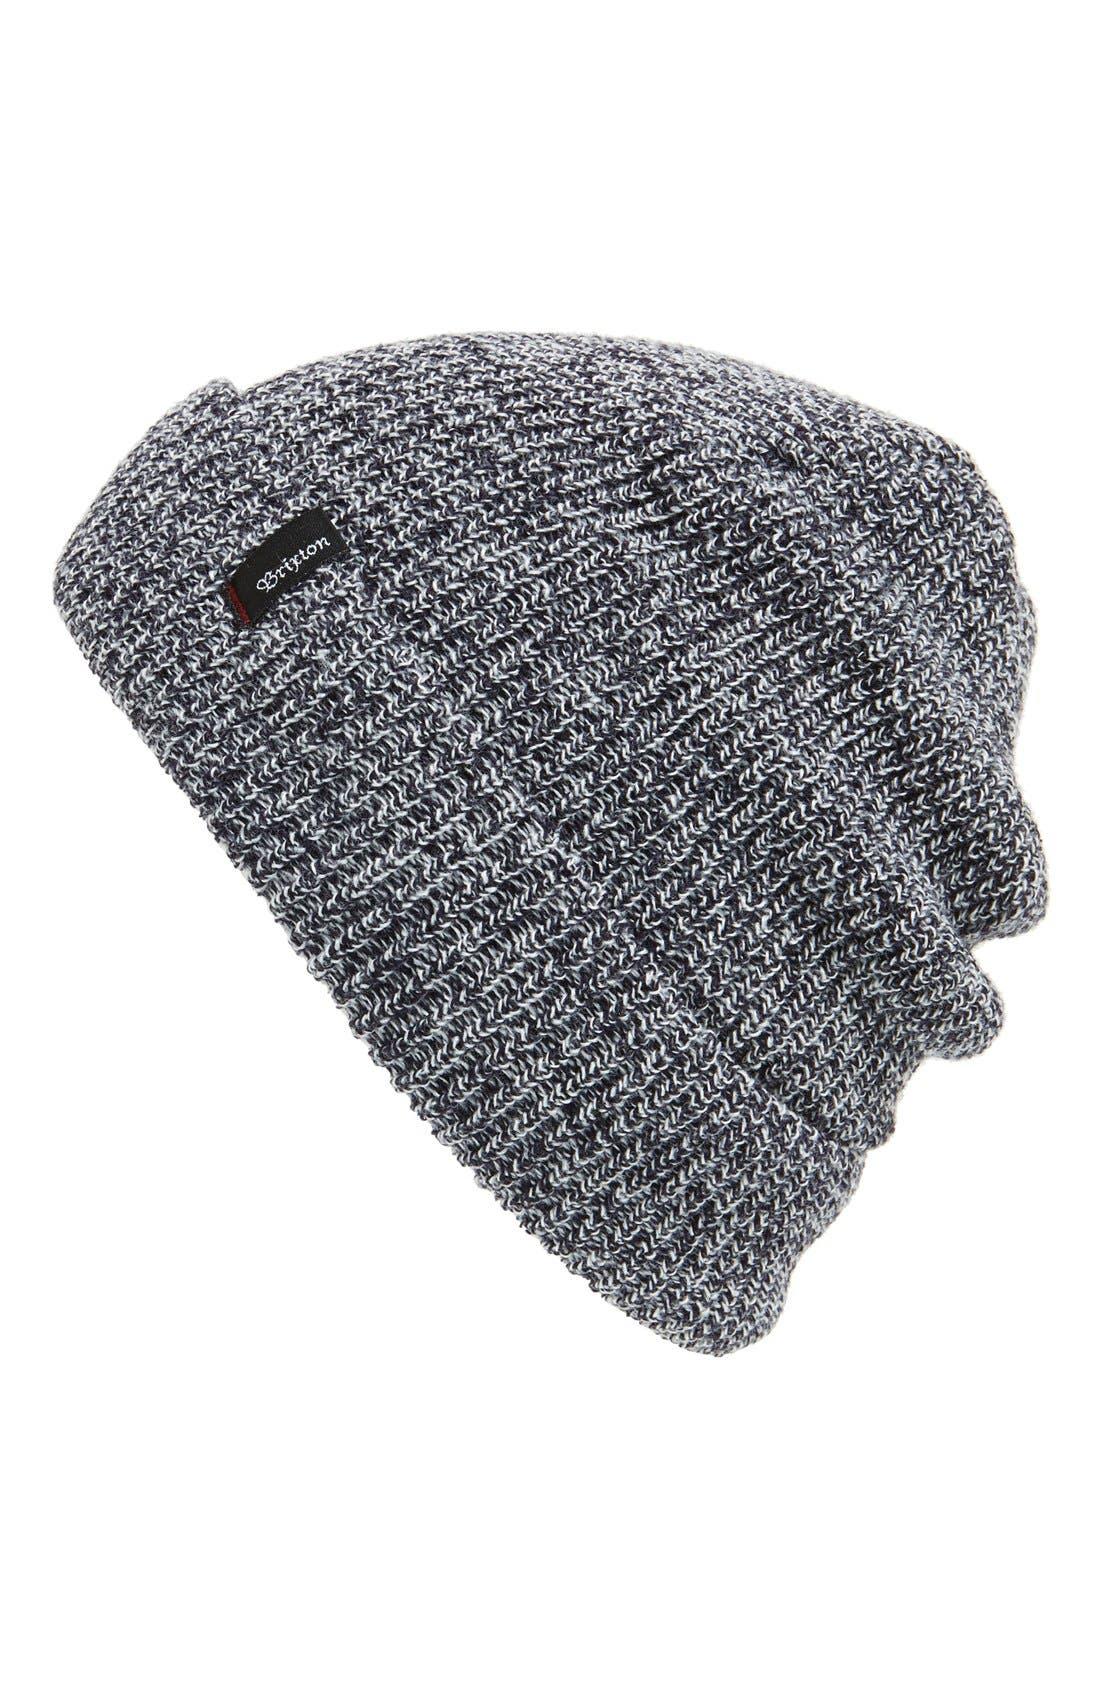 Main Image - Brixton 'Heist' Rib Knit Cap